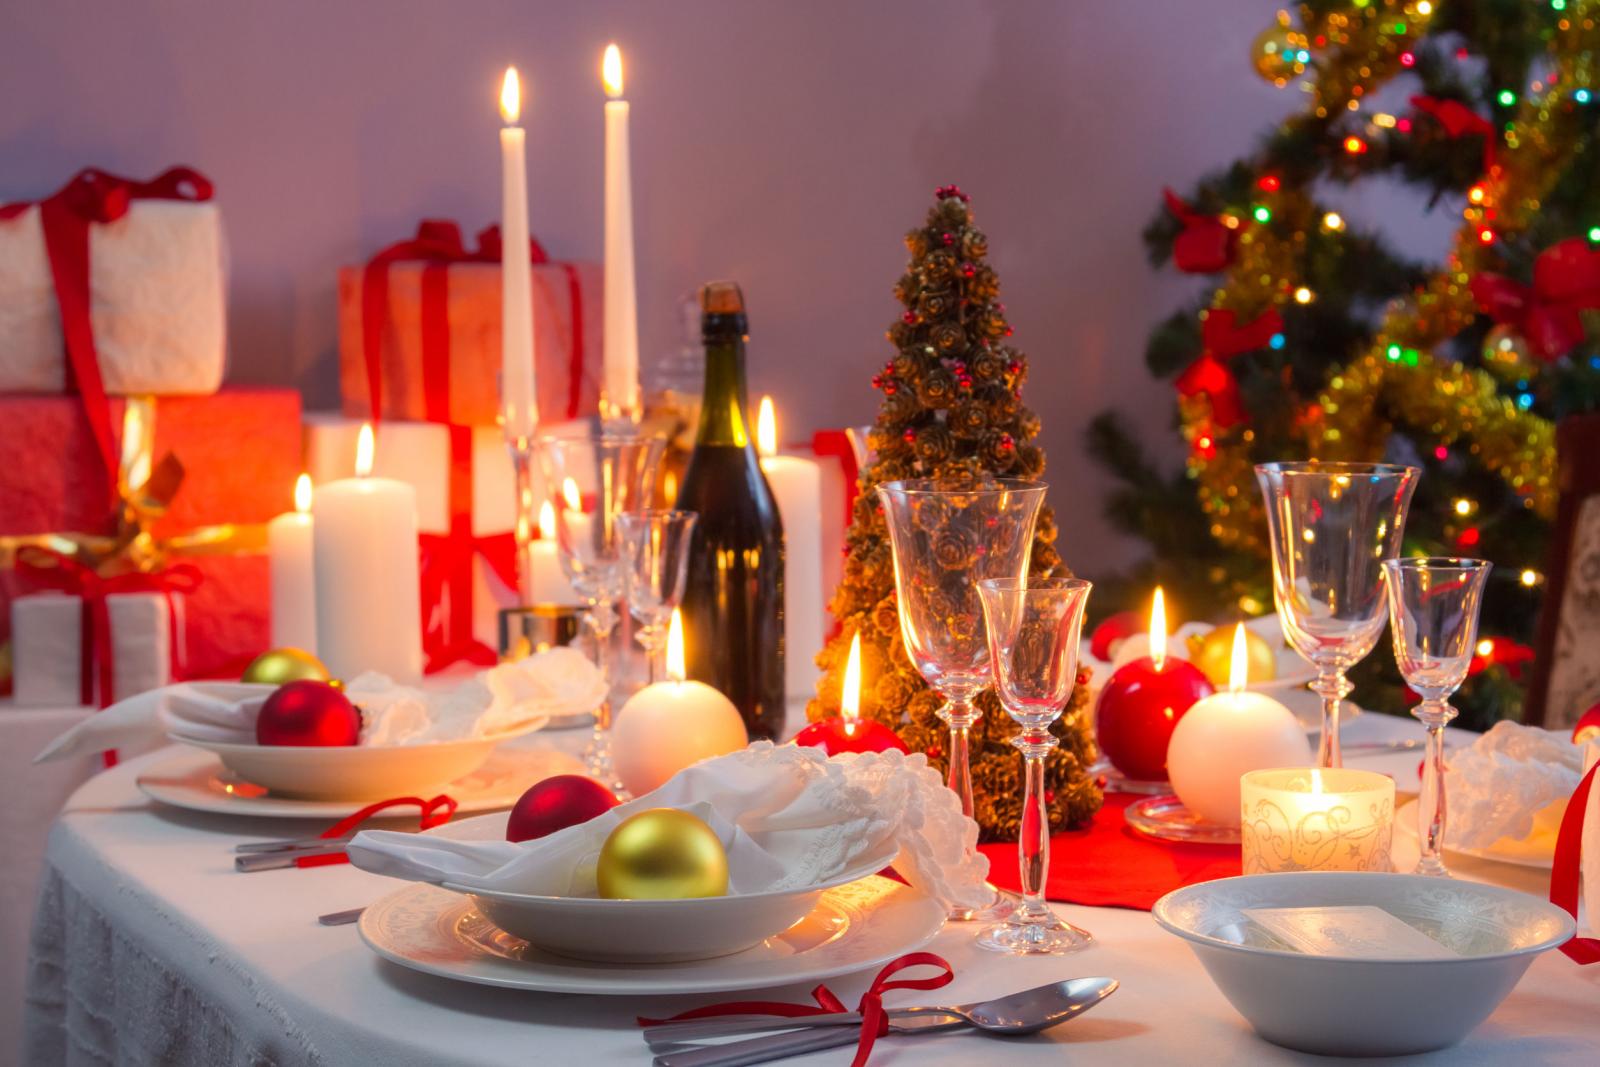 Как уберечь себя от покупки некачественных продуктов на новогодний стол: советы от специалистов НАБПП